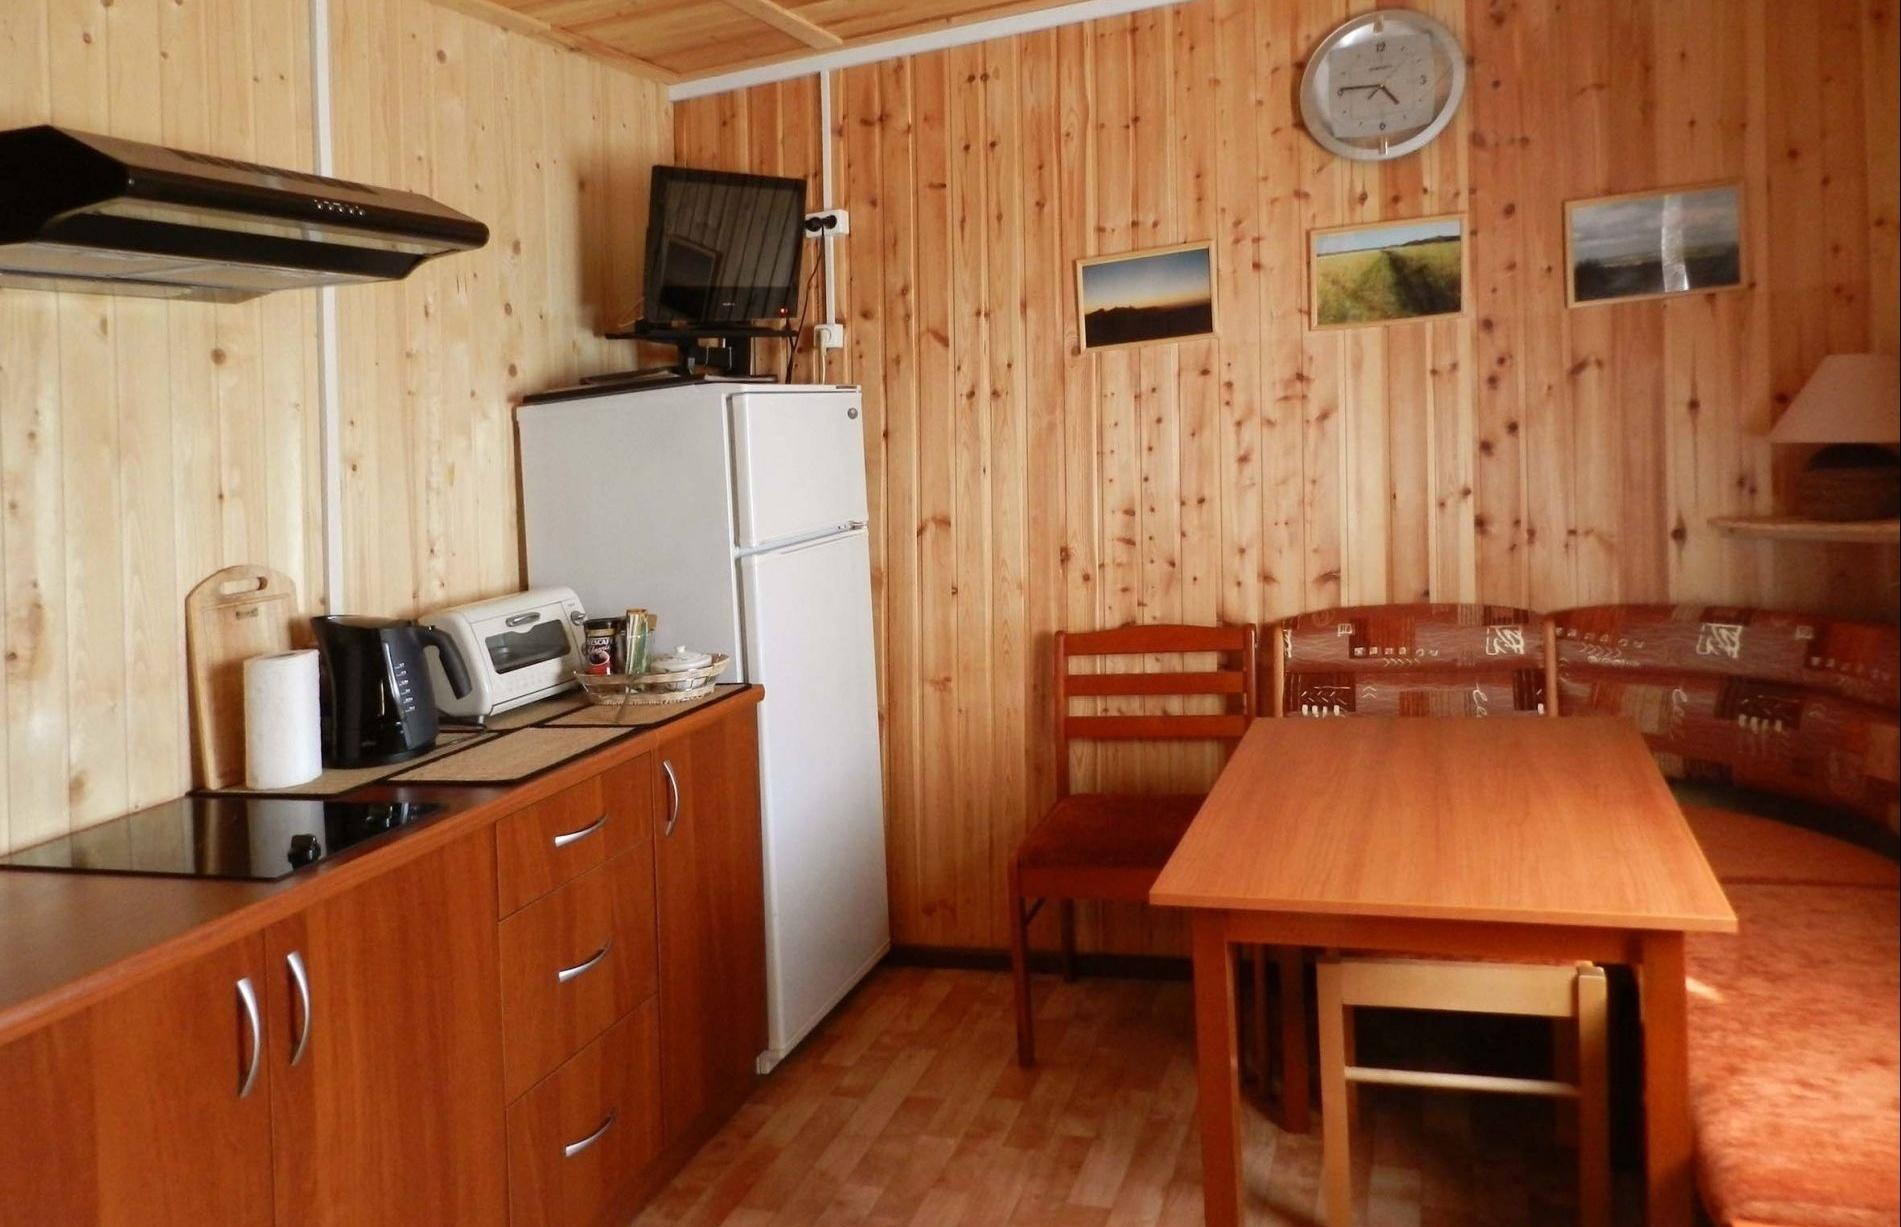 Агротуристический комплекс «Благодать» Псковская область Этаж коттеджа (с кухней), фото 2